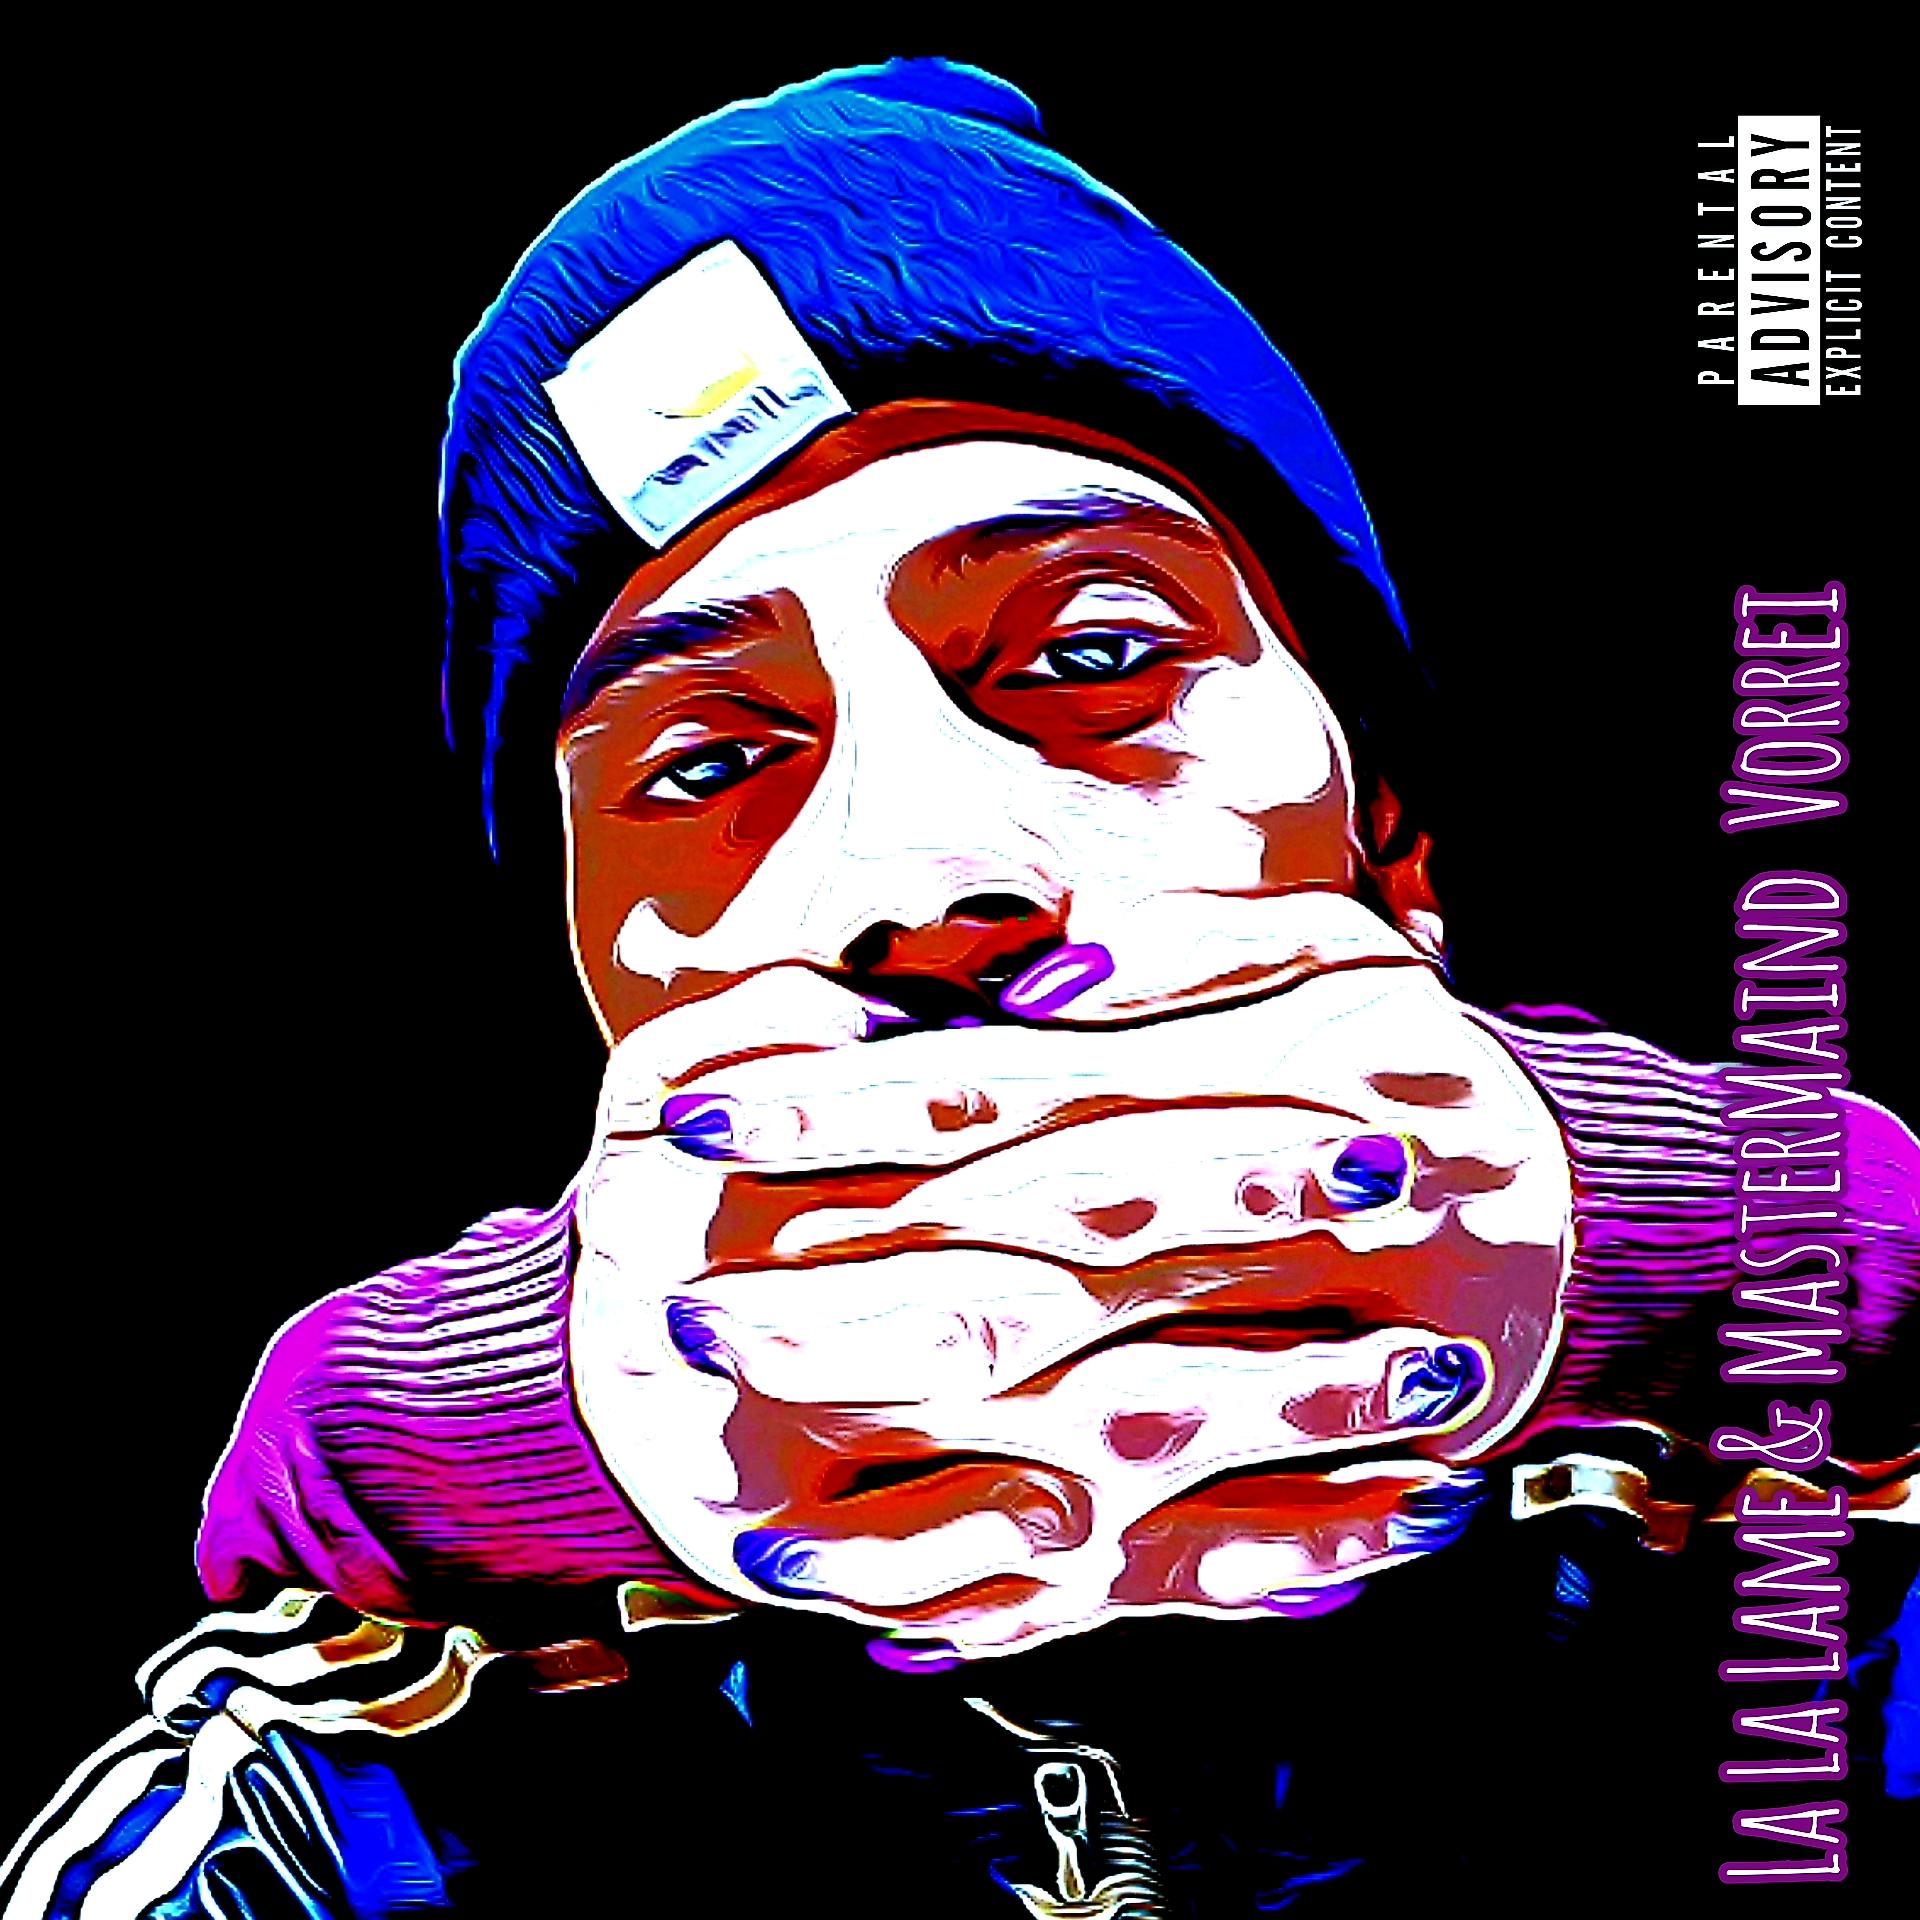 la la lame rapper spotify